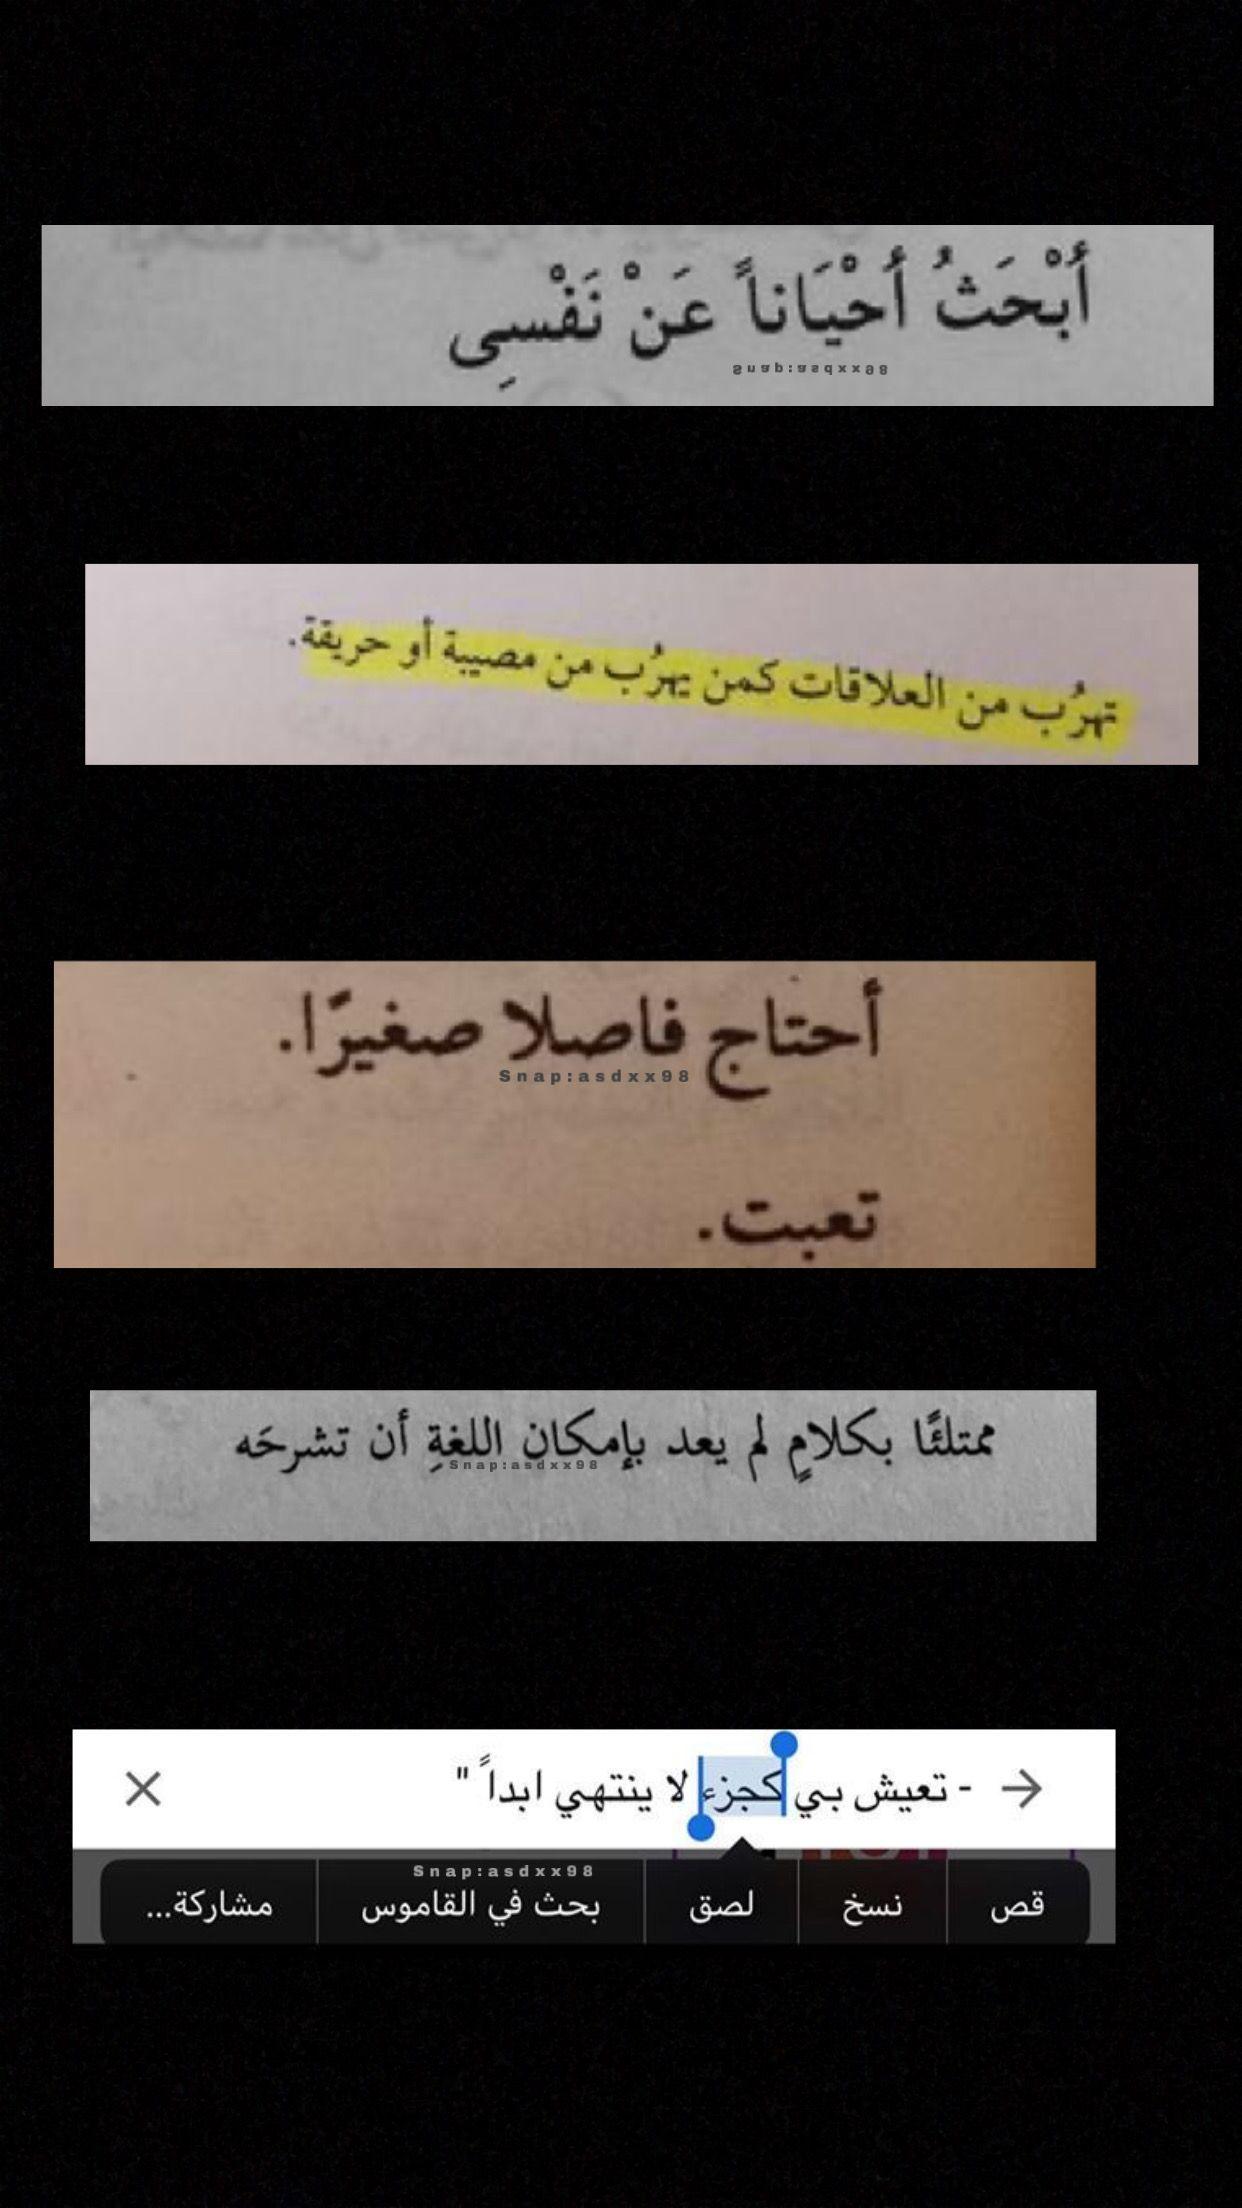 اقتباسات Circle Quotes Bollywood Love Quotes Arabic Love Quotes